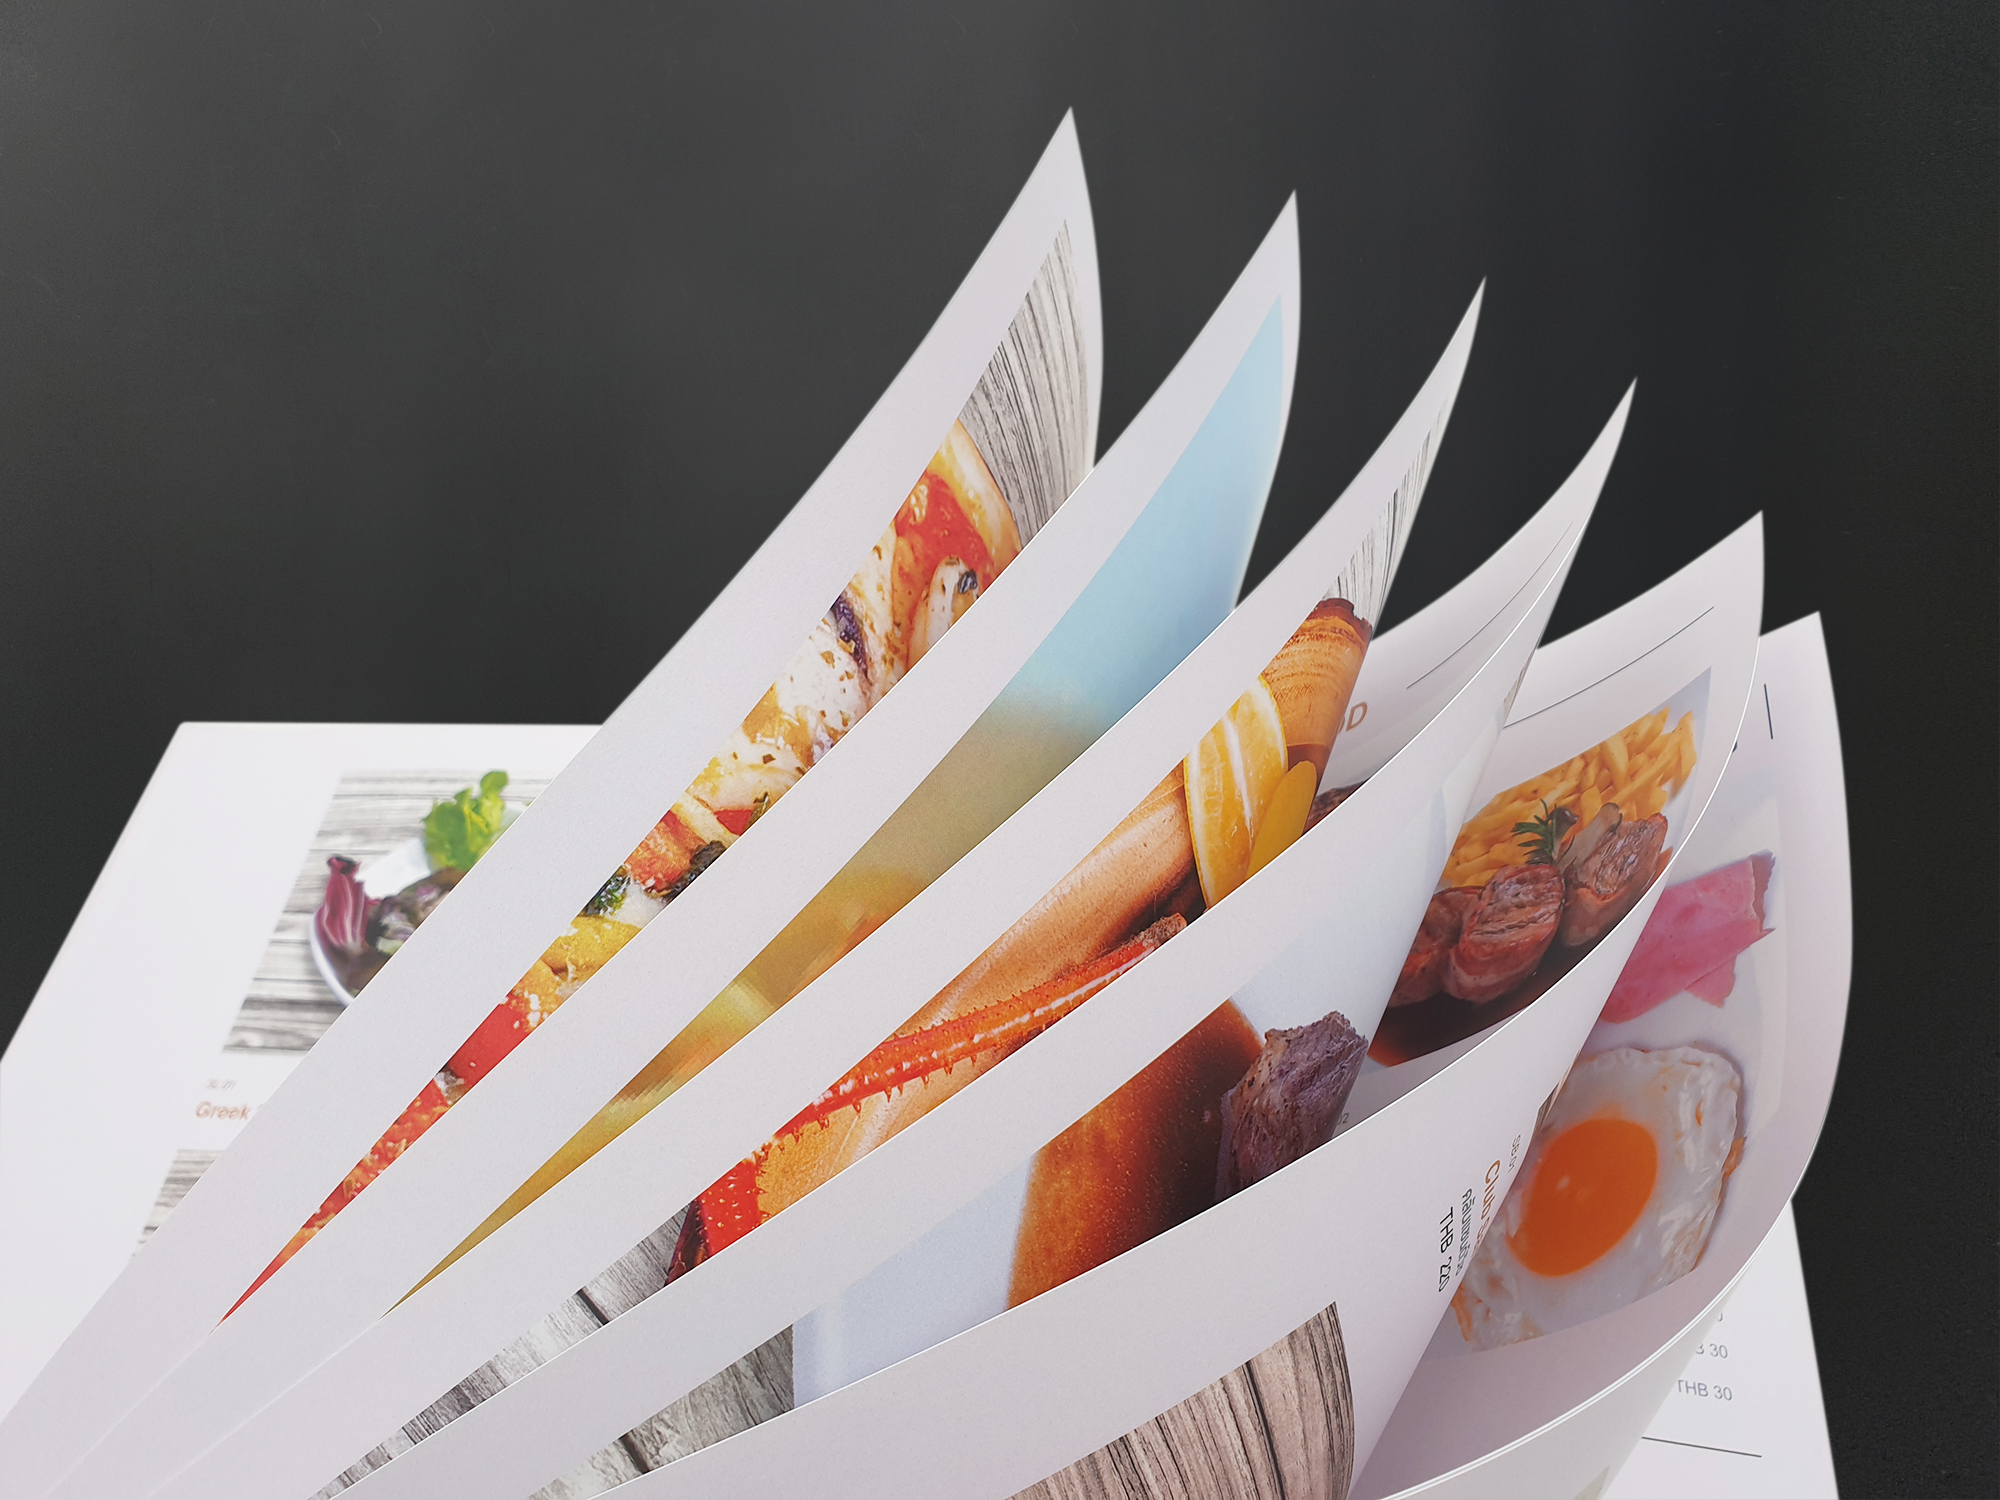 กระดาษที่ใช้ในการพิมพ์เมนูอาหาร